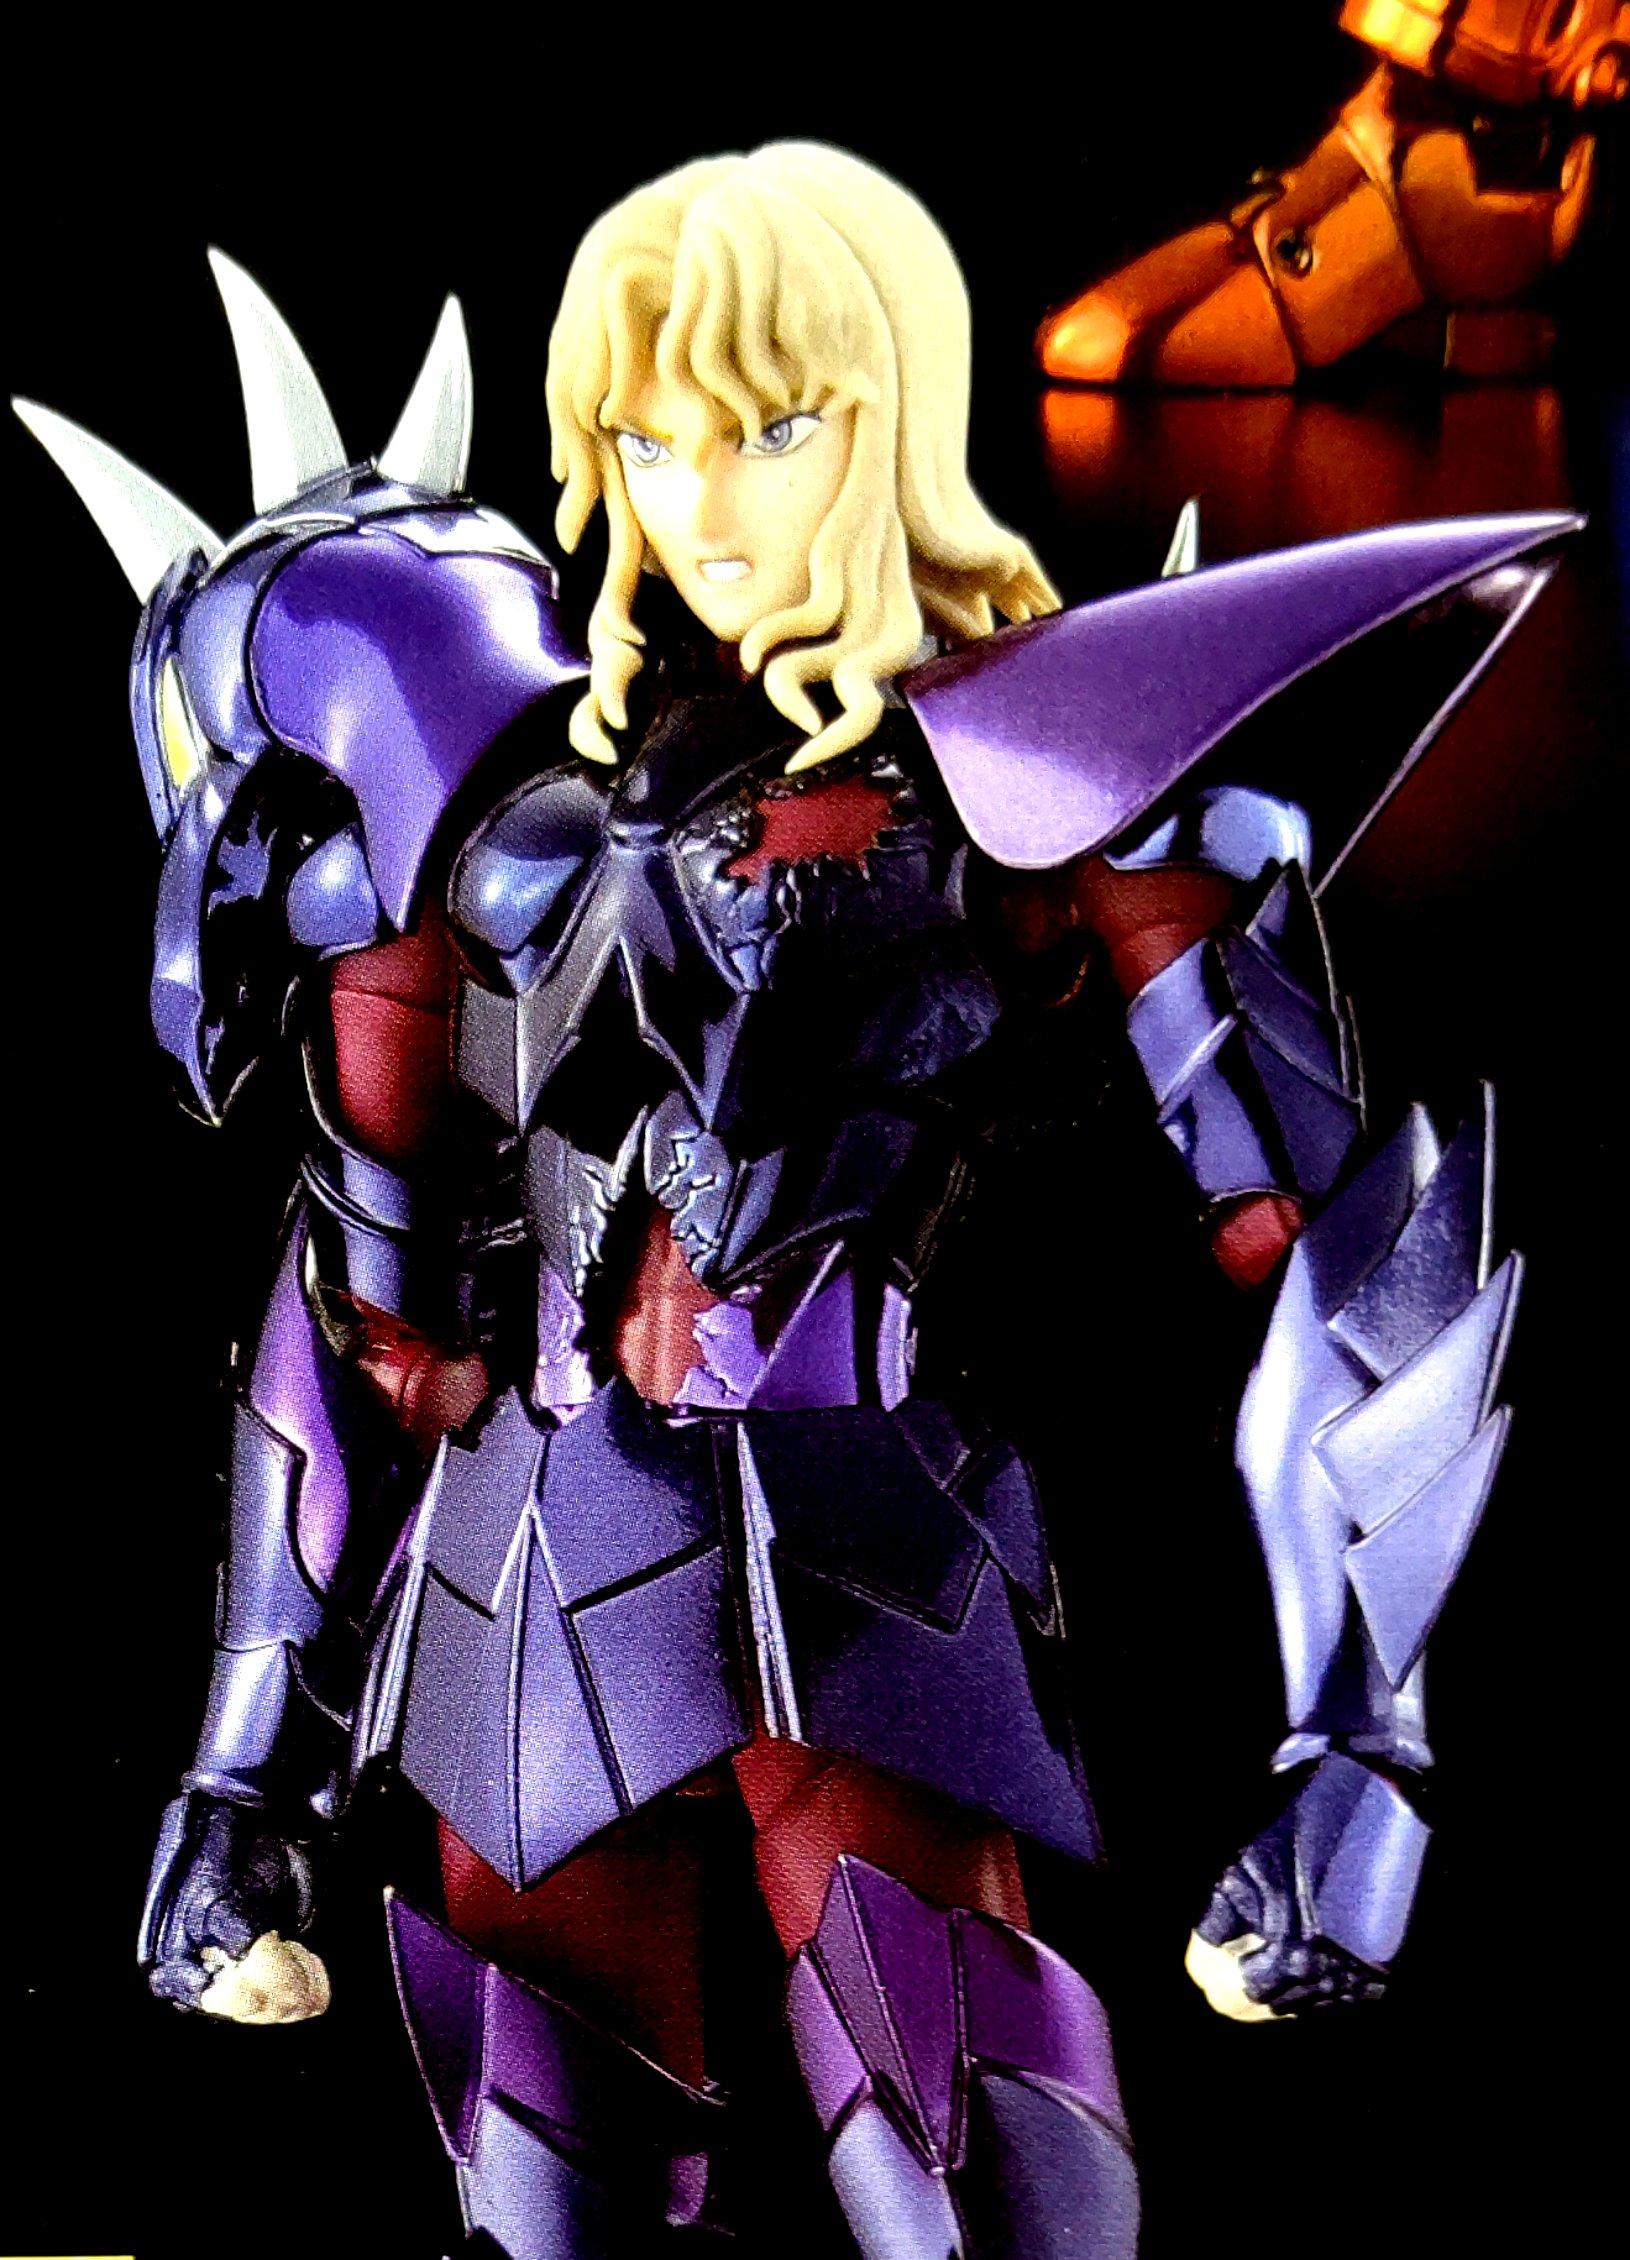 [Comentários] Sorento de Sirene EX - Asgard Final Battle Version  4BqiSf02_o